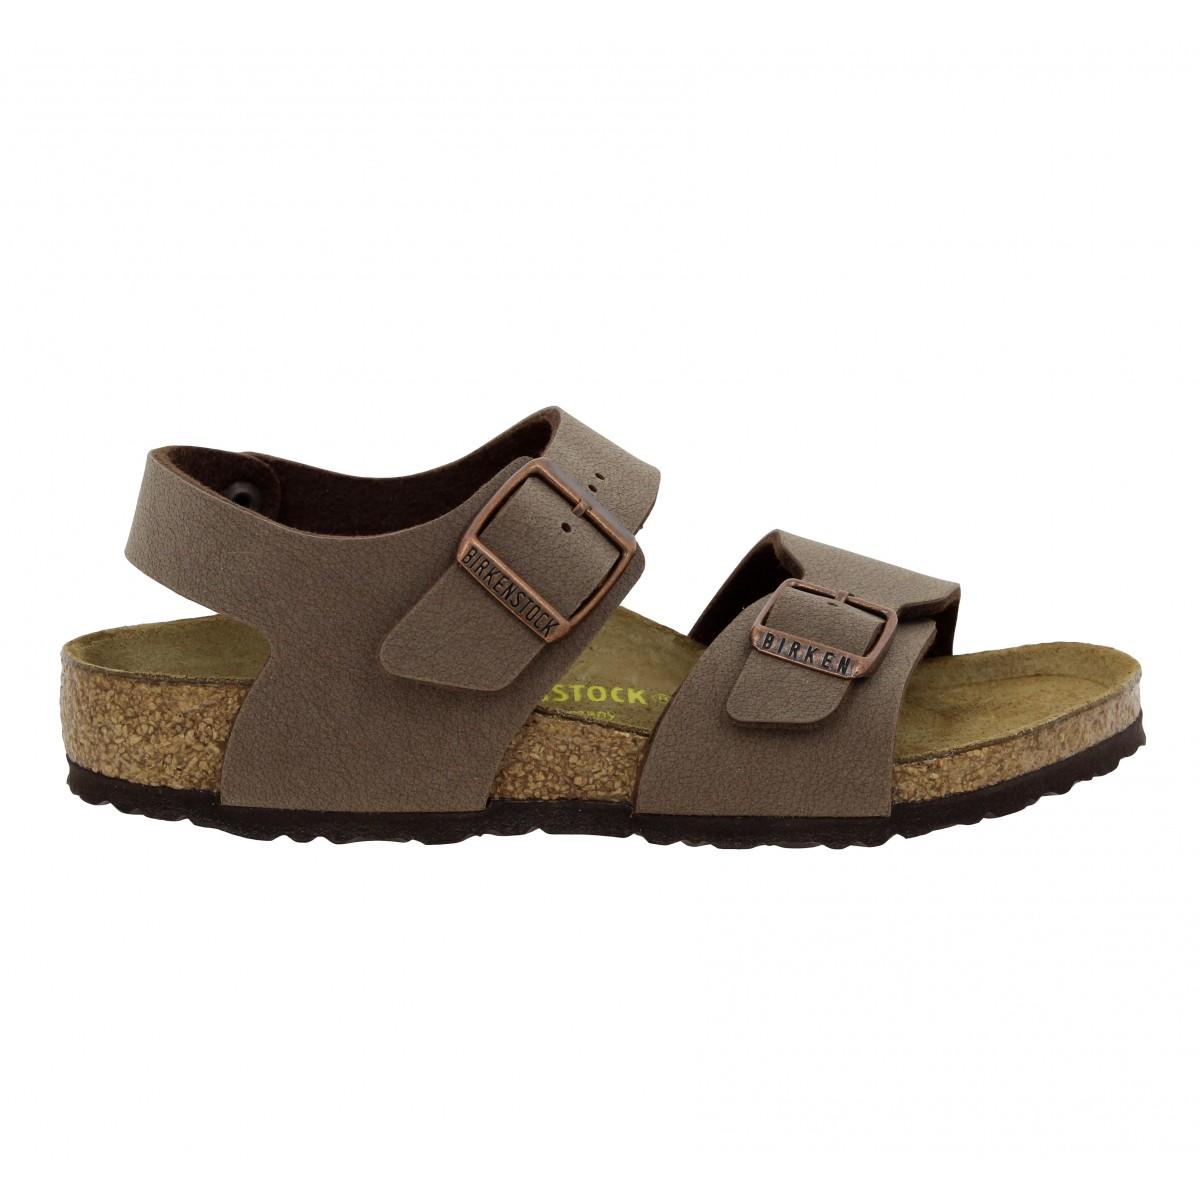 9a6885aaf0d3 Buy Red Birkenstock Granada Sandals Canada Tip Top Shoe